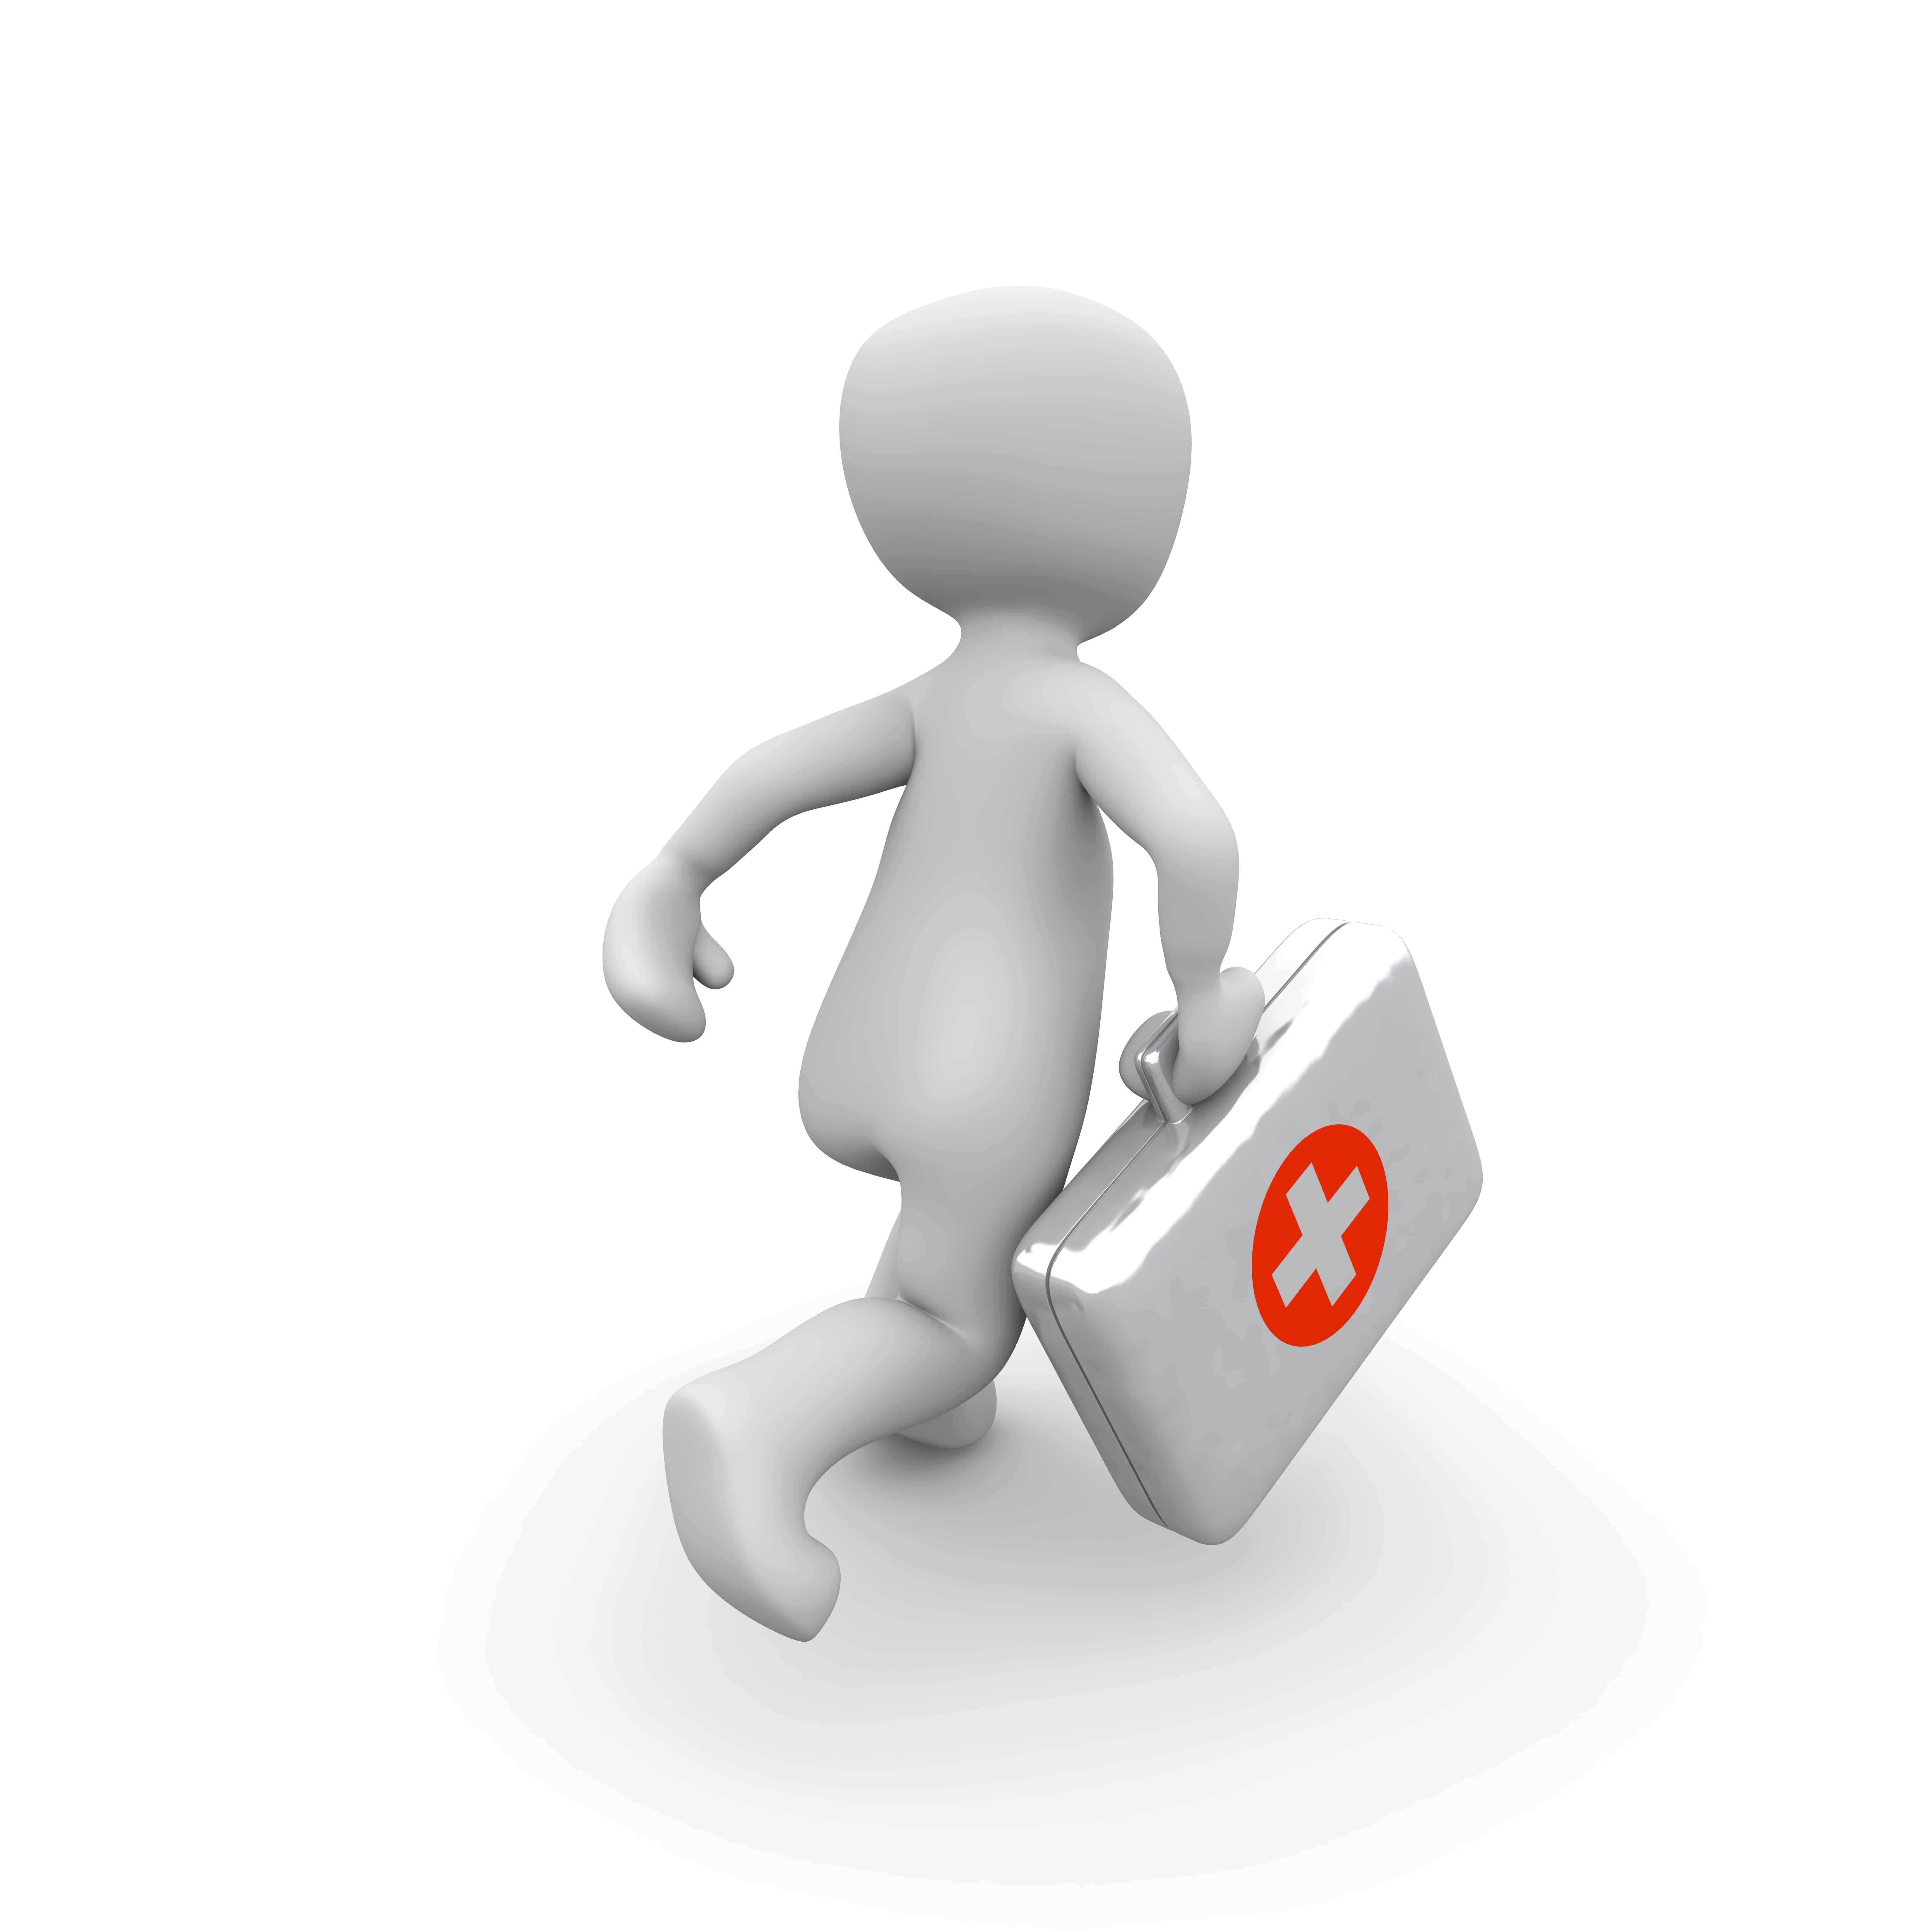 Ausbildung oder Studium - Medizinstudium: arzt, erste hilfe, beruf